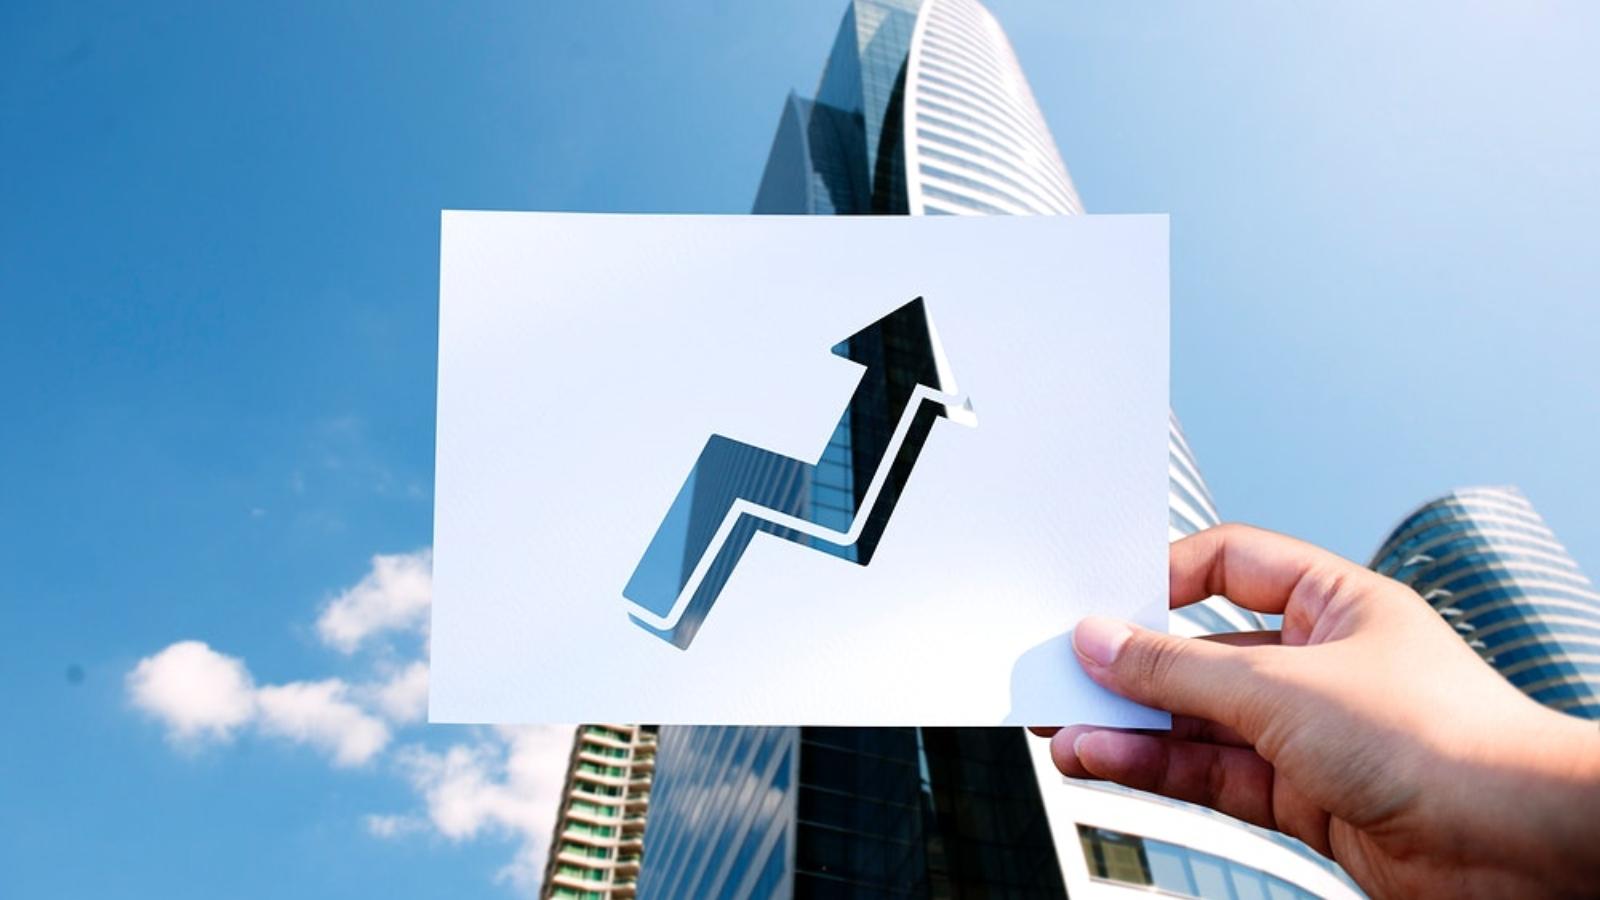 Saiba o que você deve esperar do panorama do mercado imobiliário no Brasil e prepare o seu negócio para 2020.